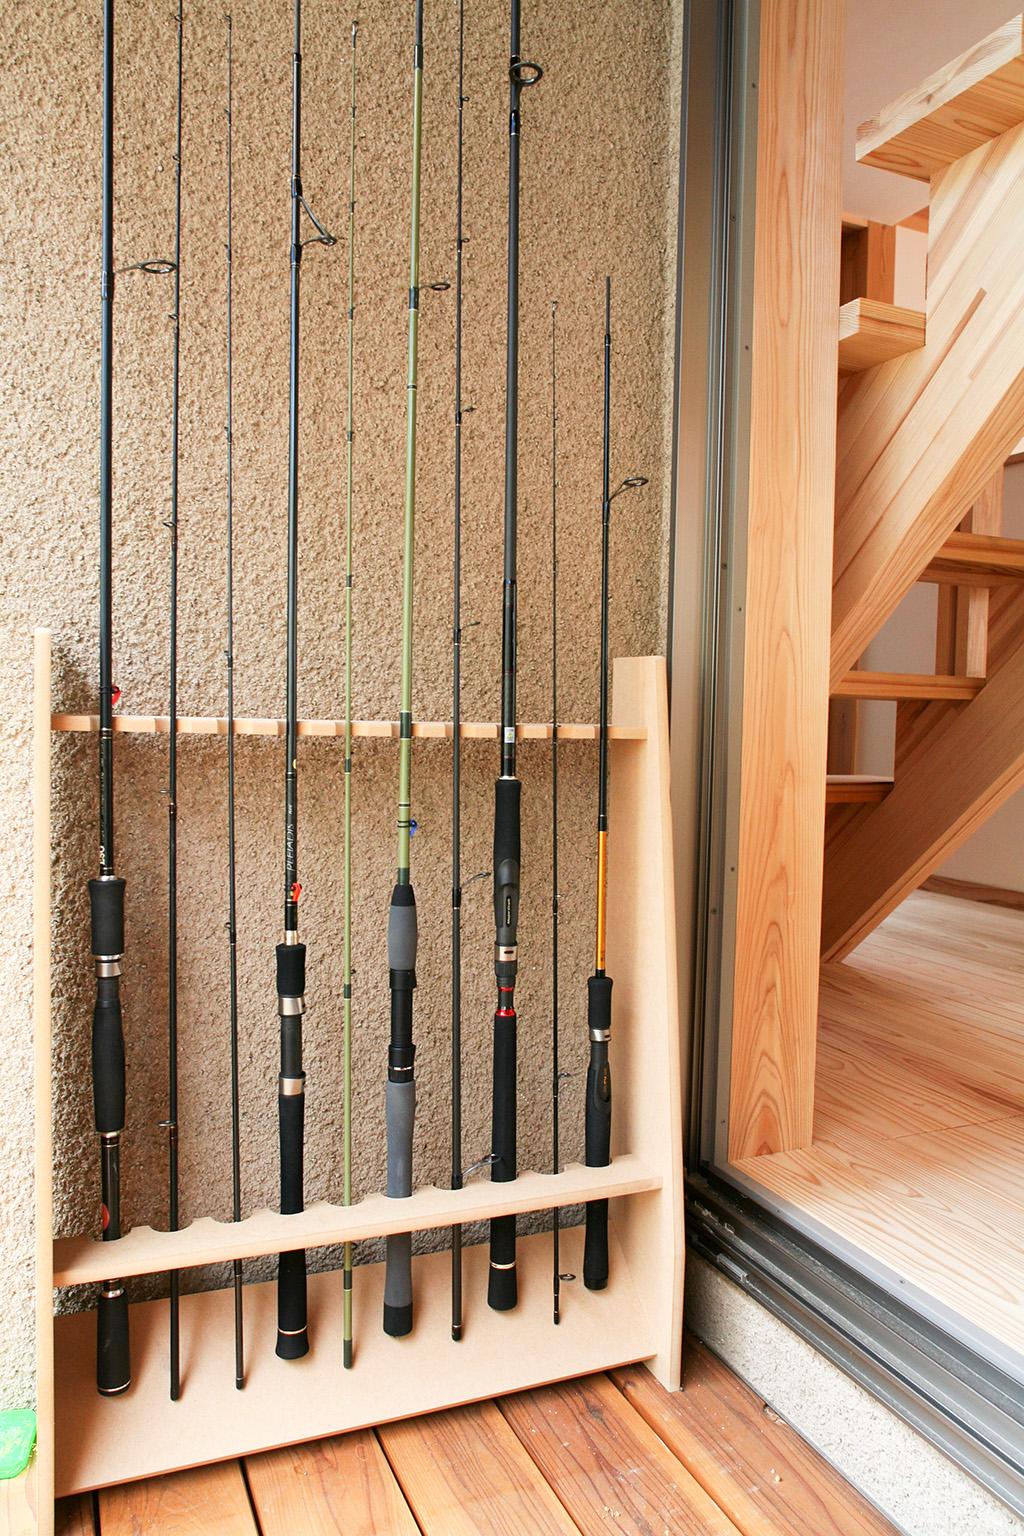 神戸市の木の家 釣り竿置き場